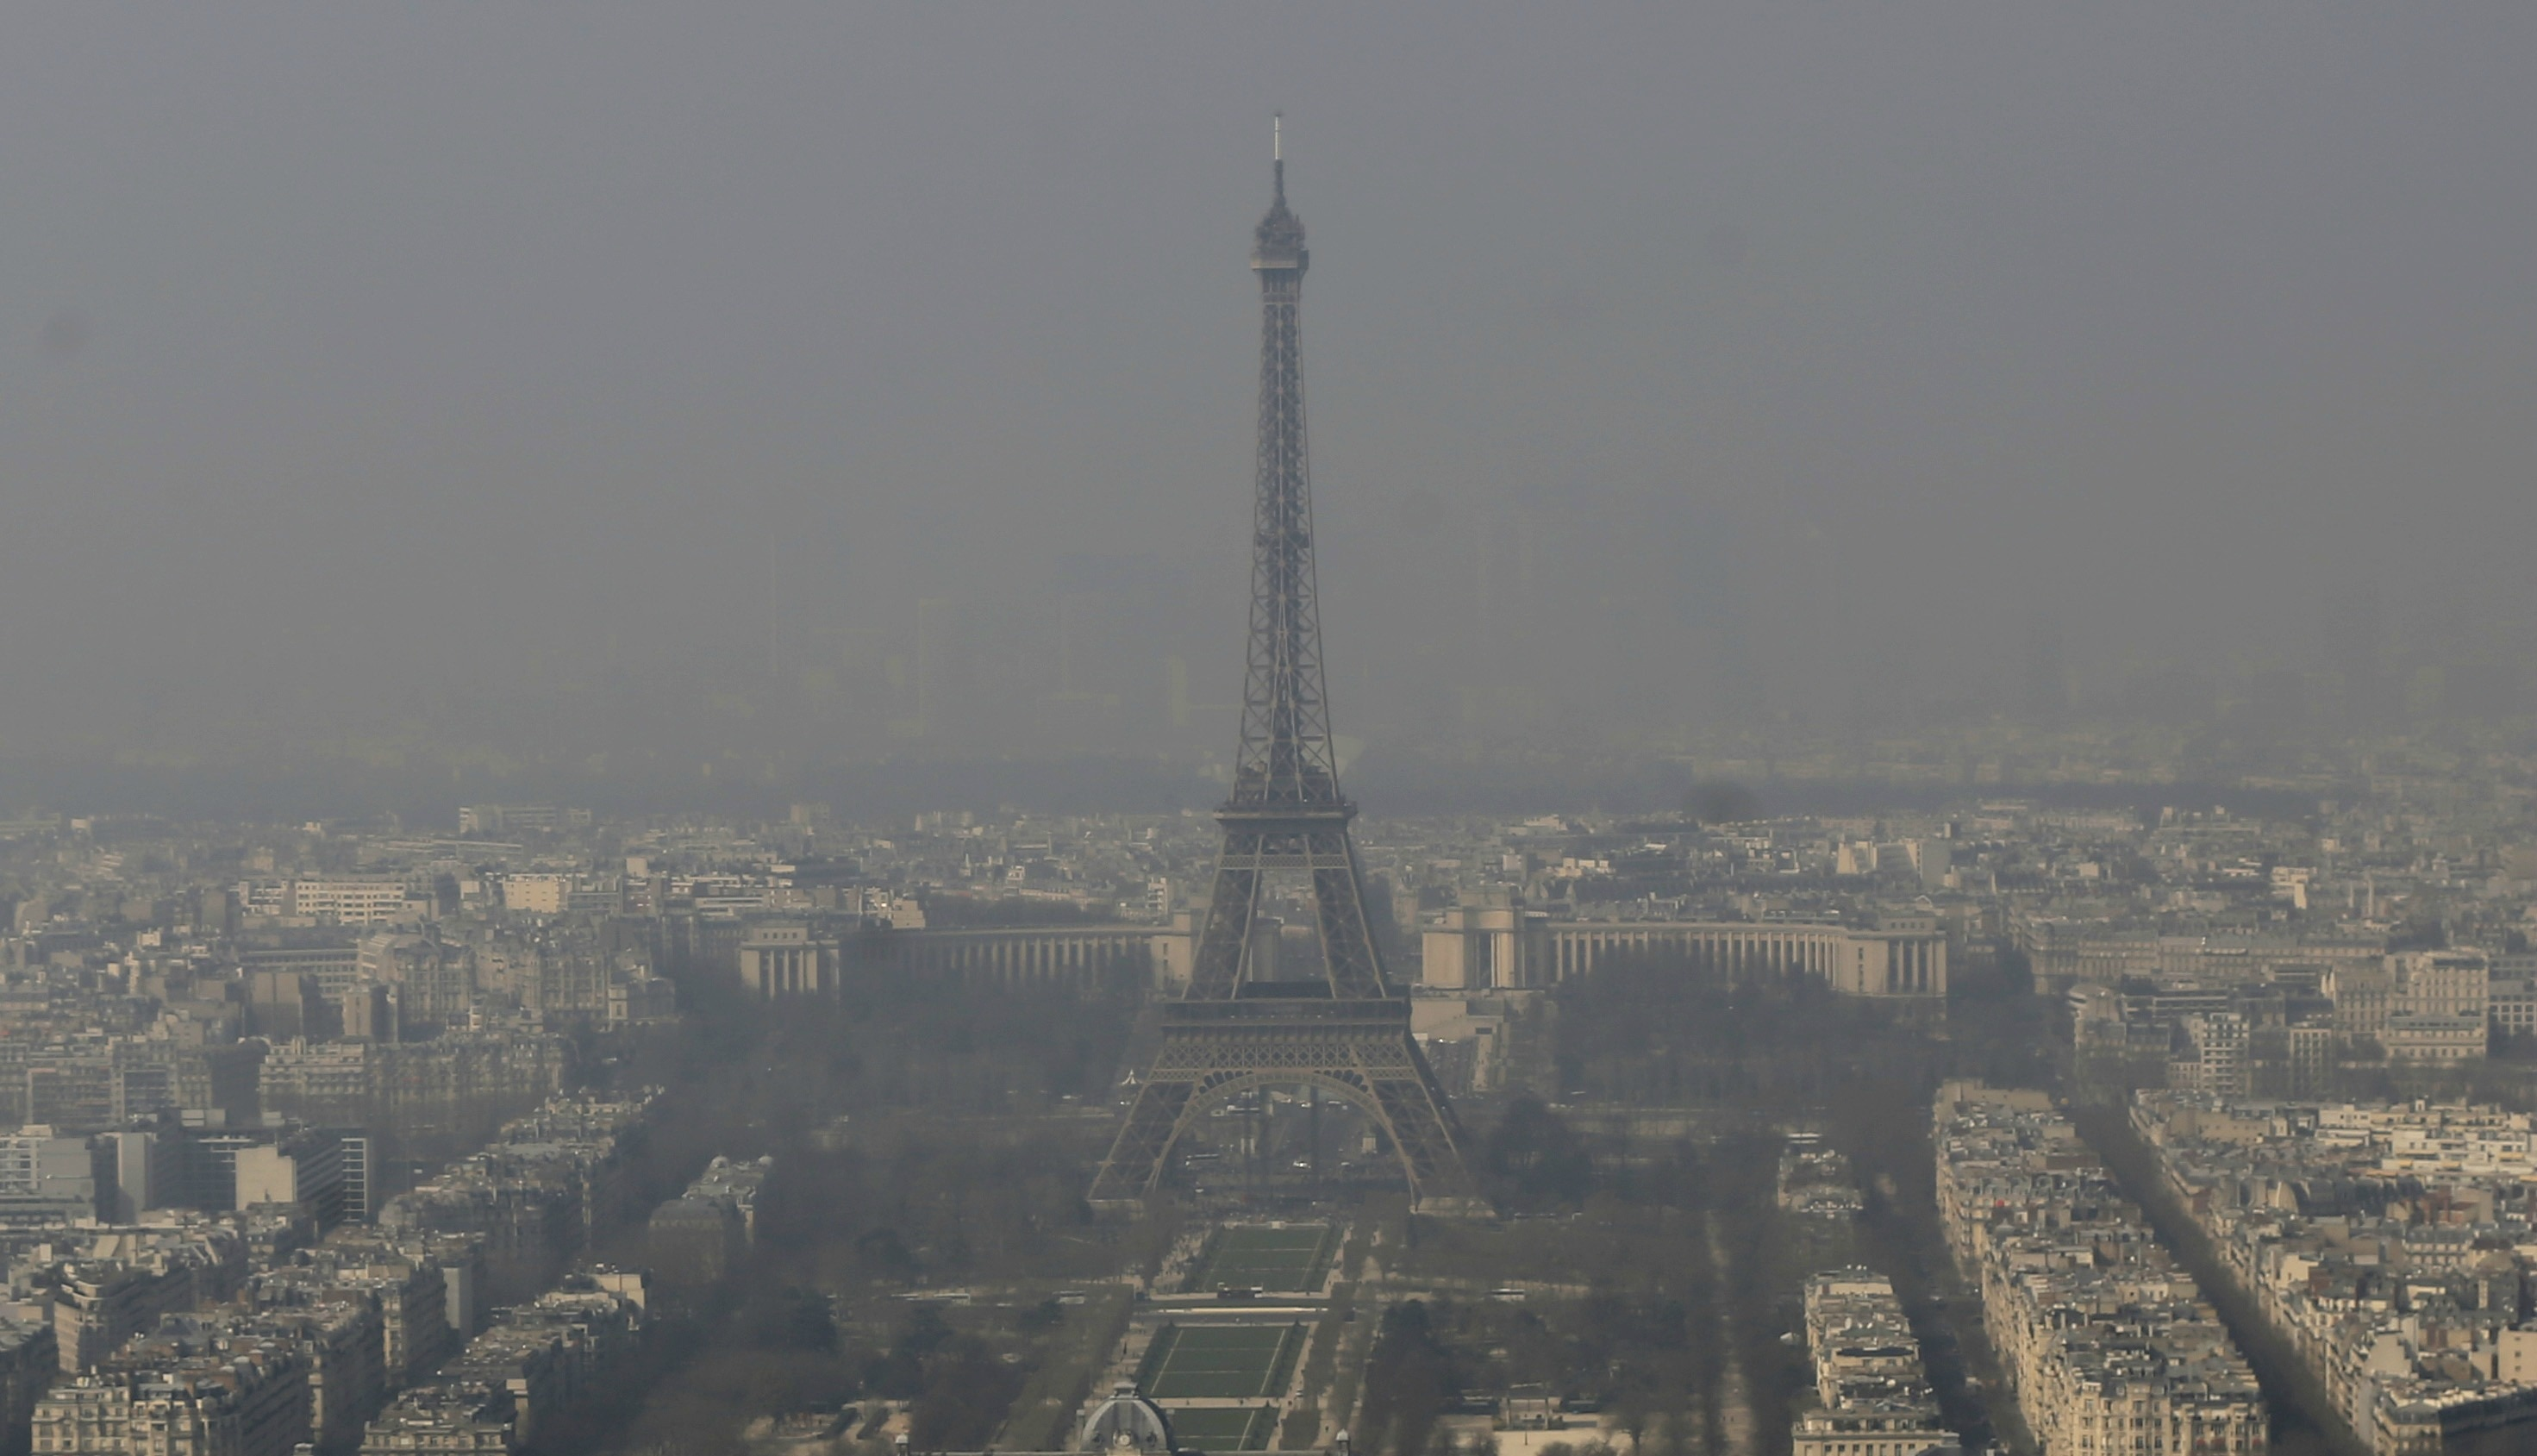 Contaminación en el cielo de París, con una vista de la Torre Eiffel en el centro (© AP Images)